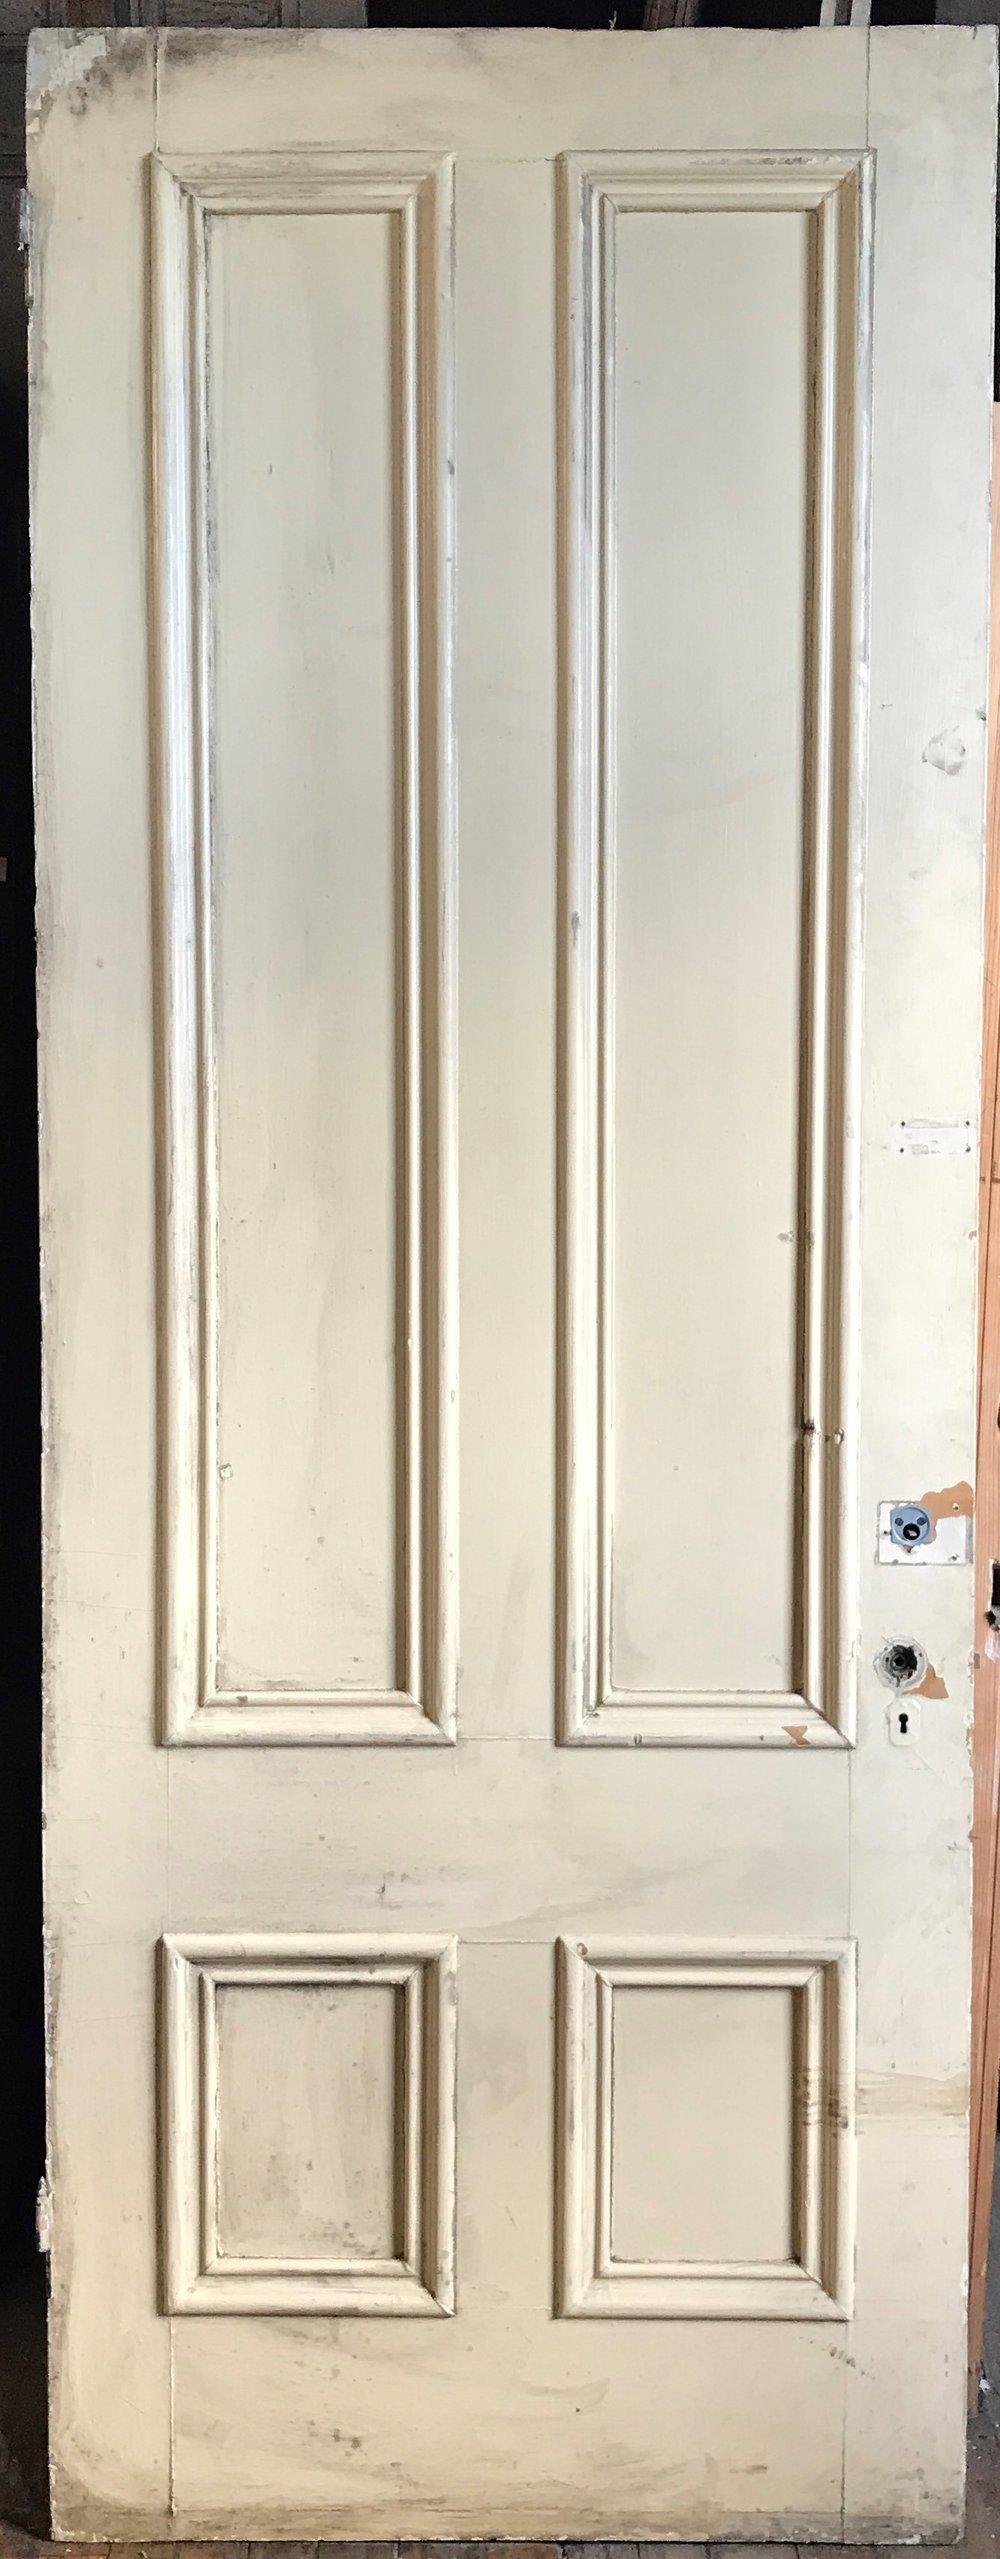 Oversized 4 Panel Interior Door